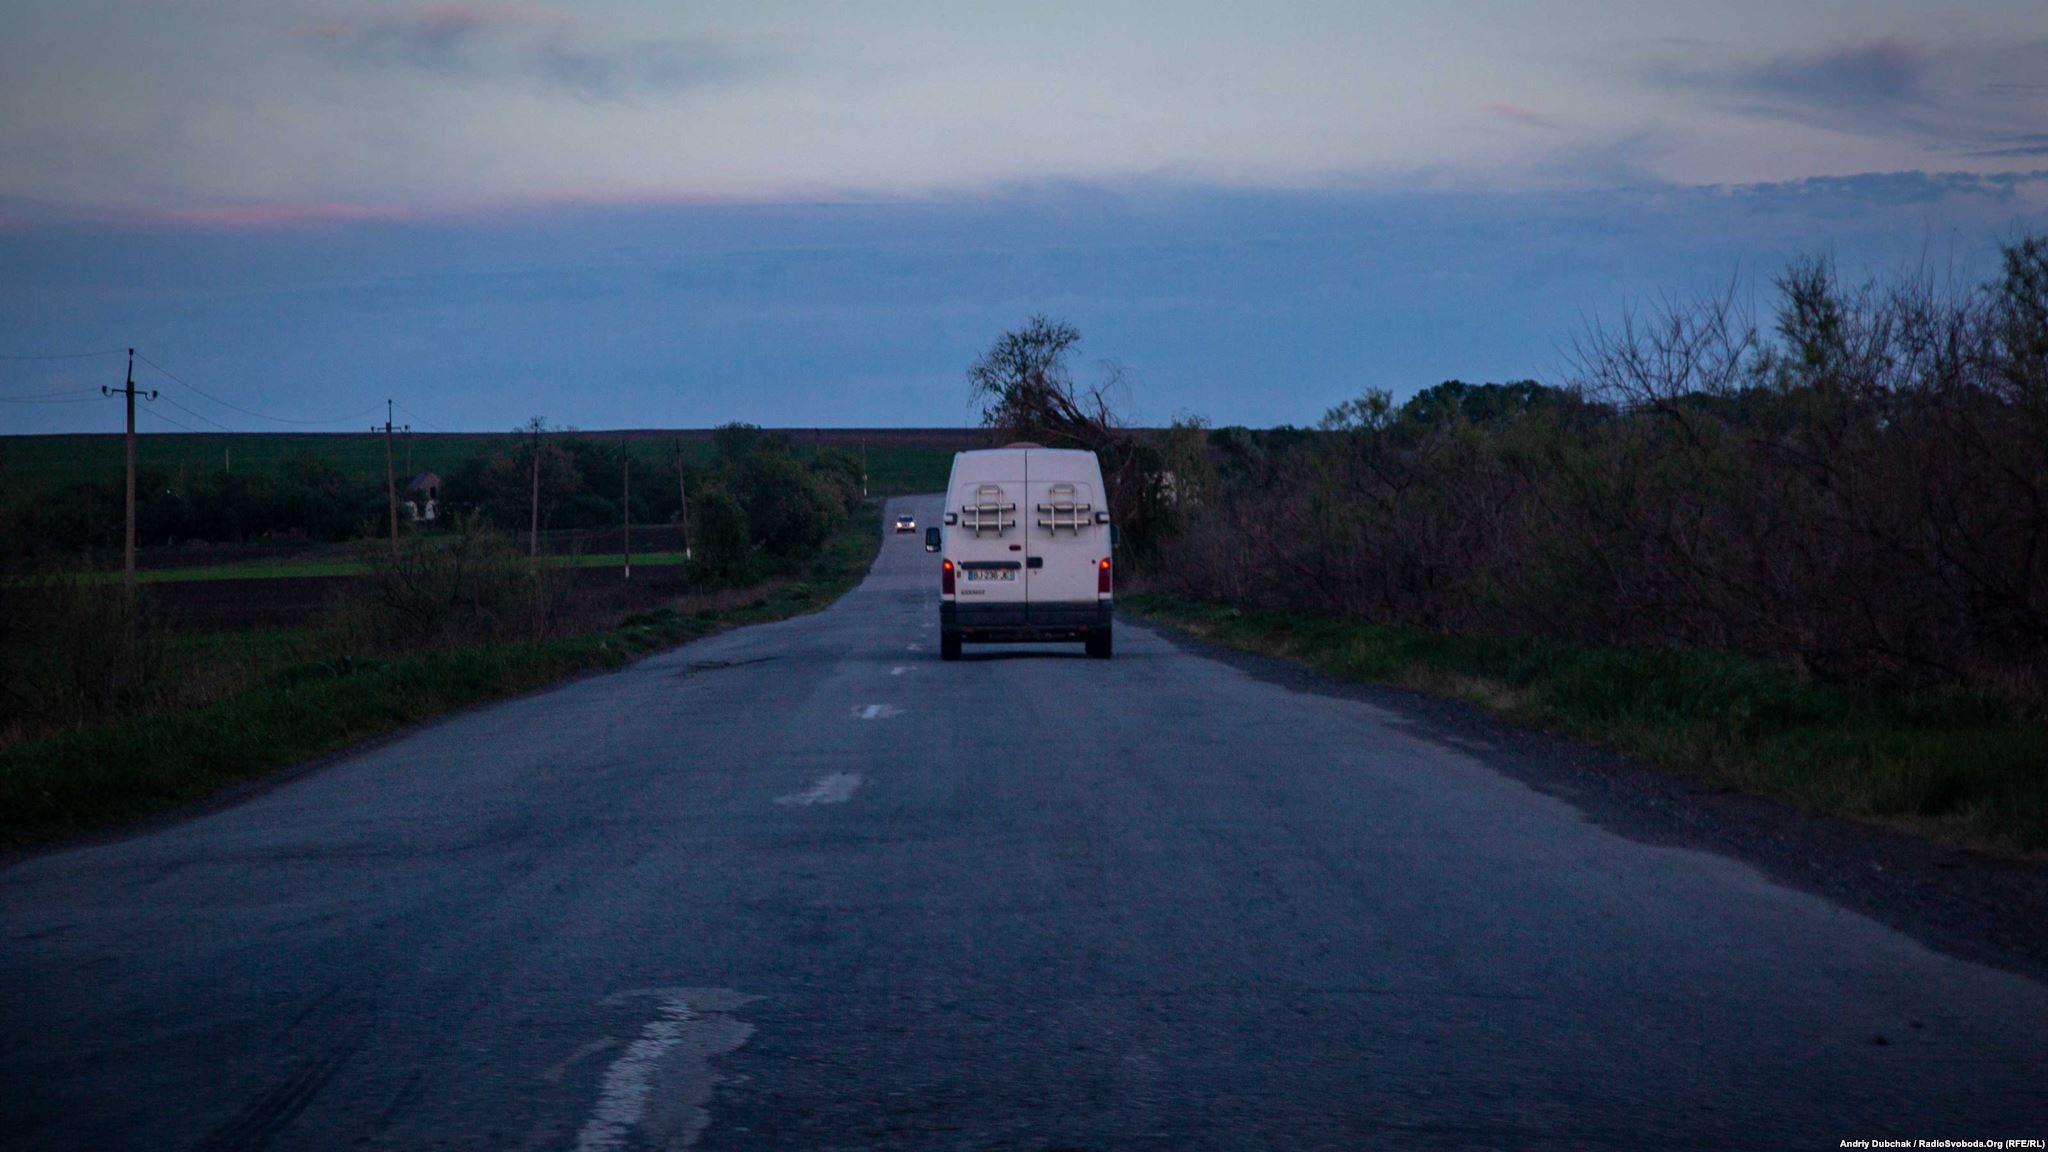 Машина Тоні на шляху від Кропивницького до Донеччини (війсбковий фотограф Андрій Дубчак)